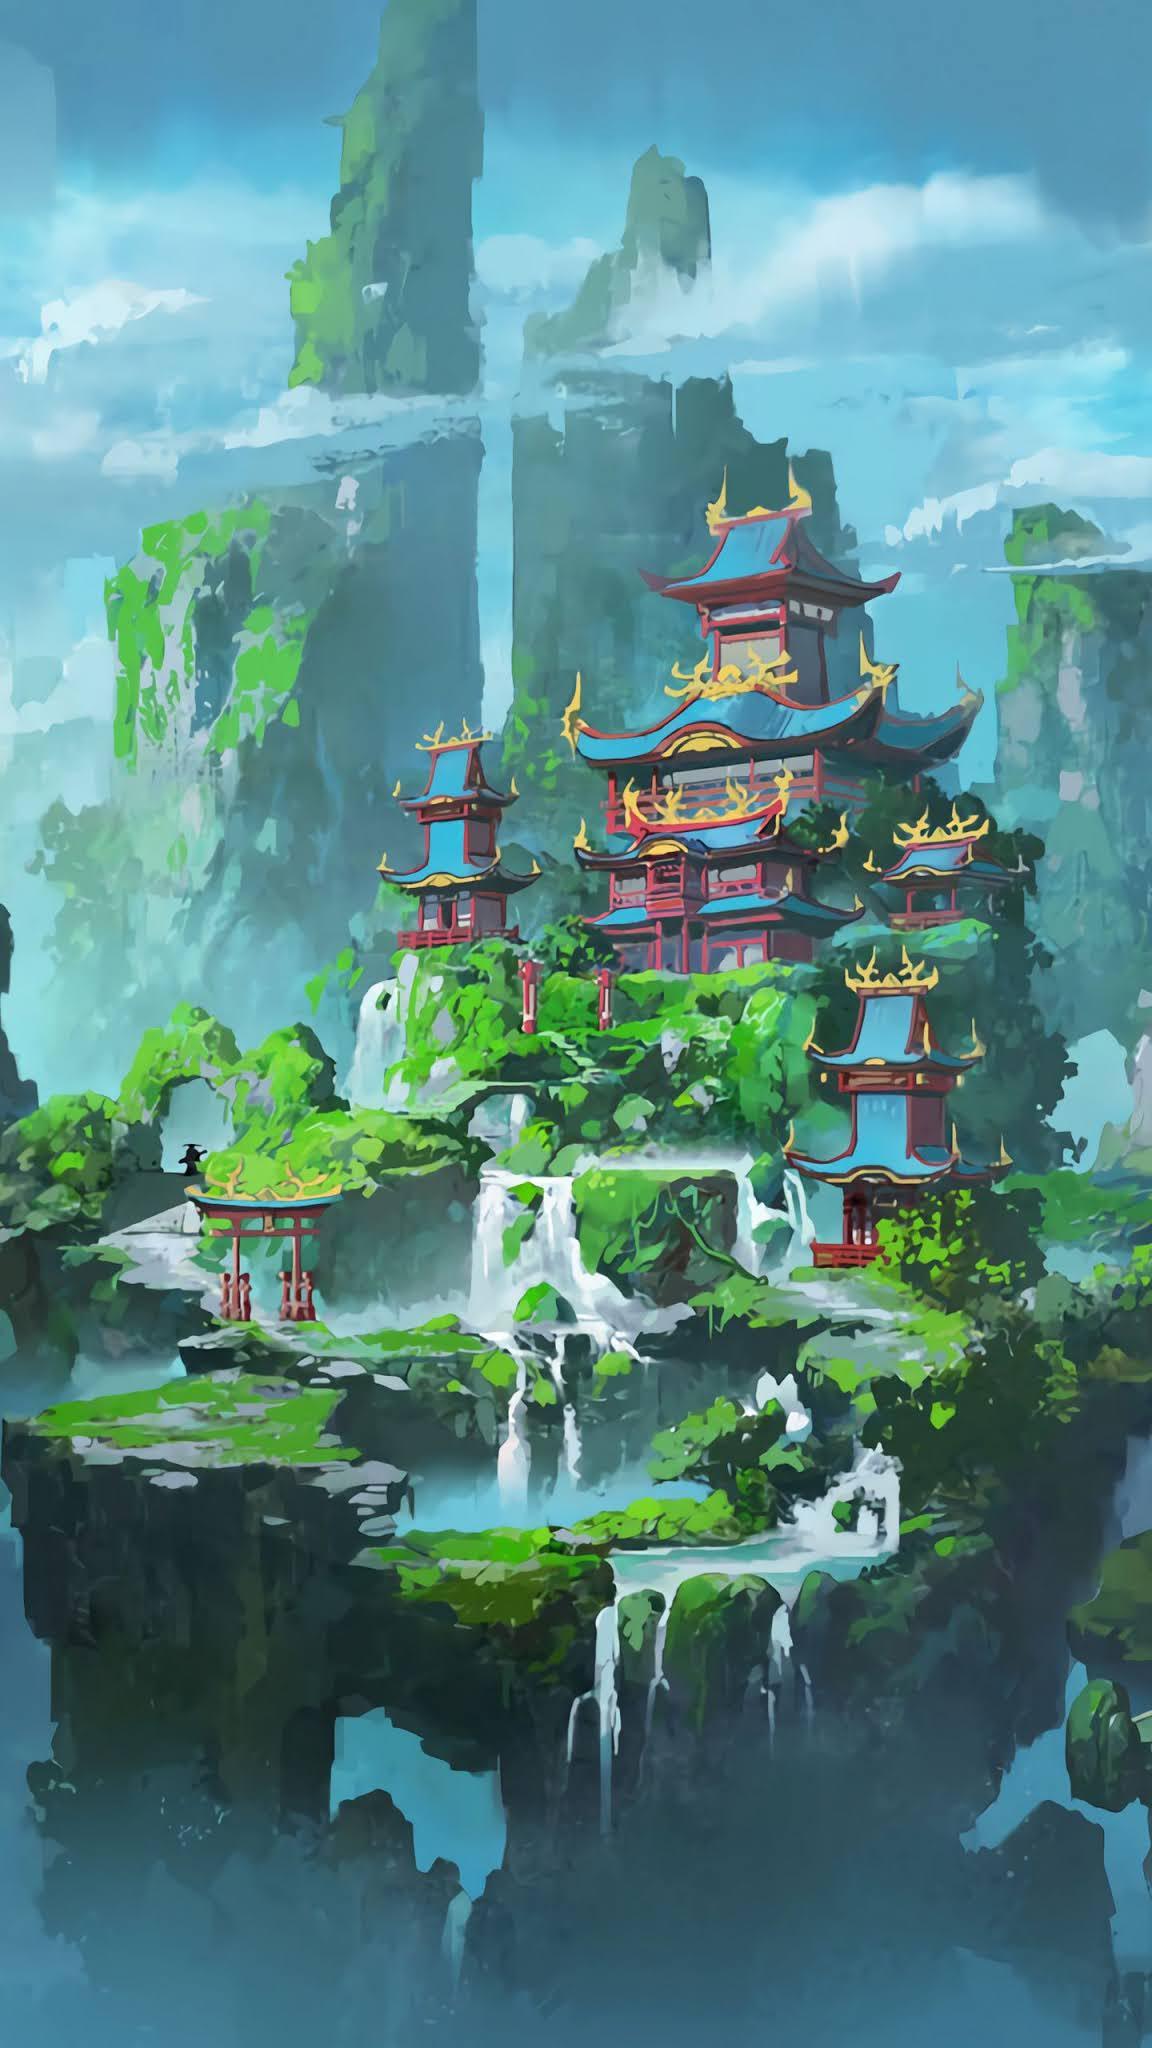 pagoda castle art mobile wallpaper